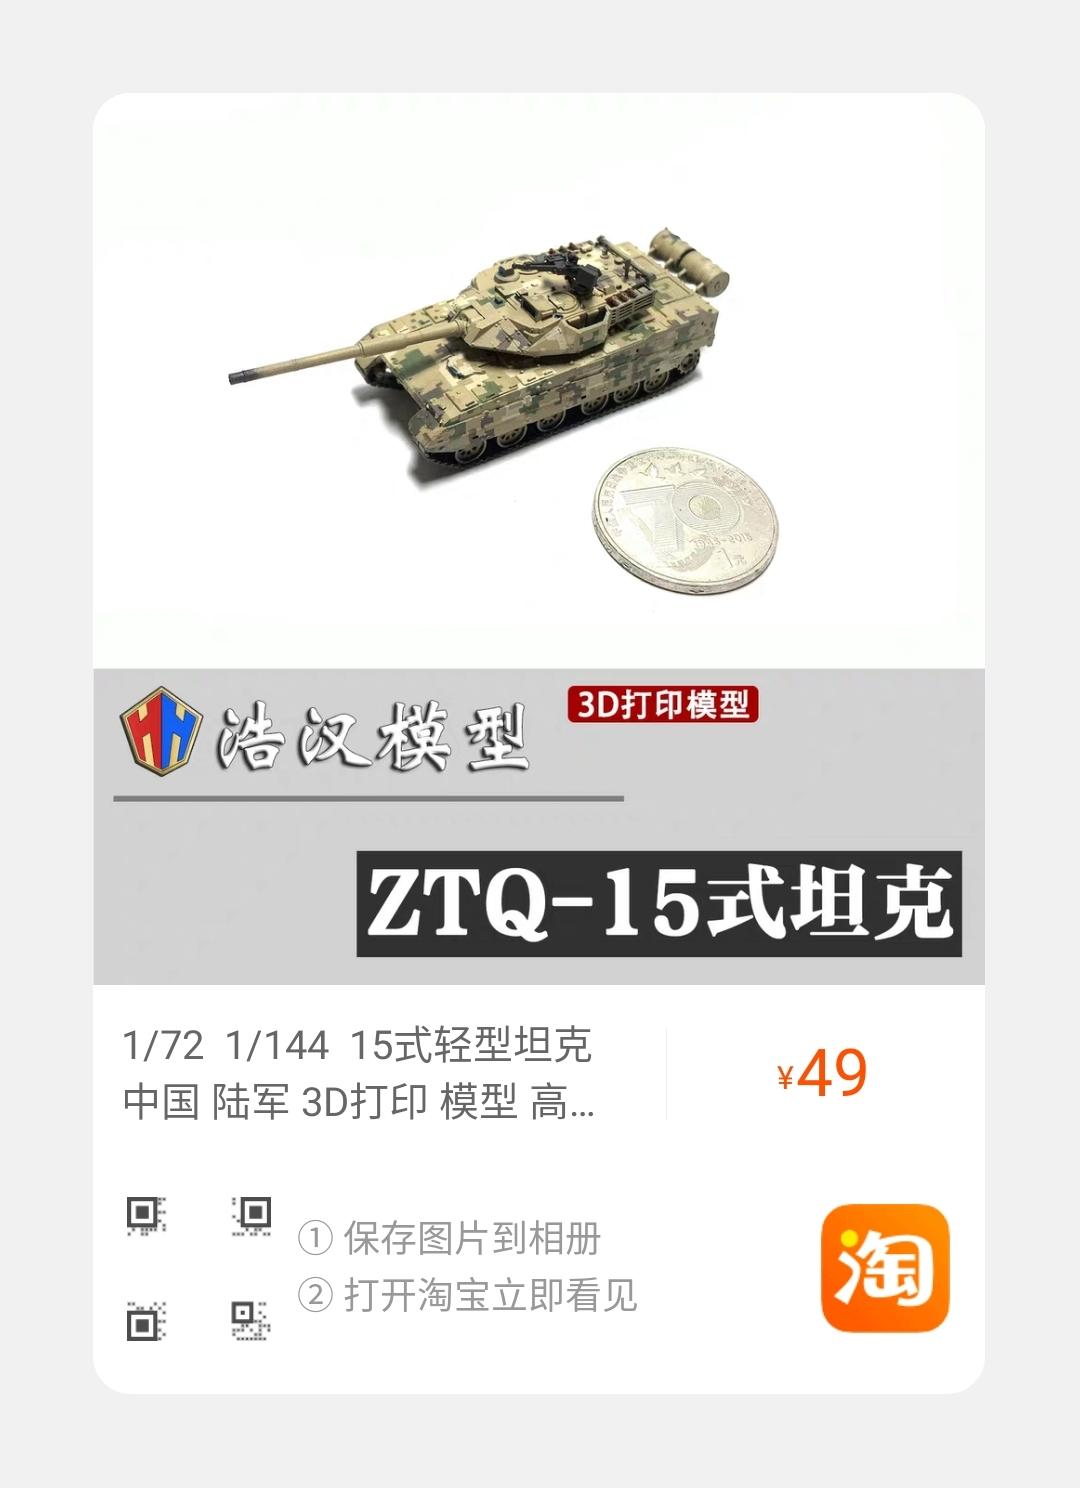 浩汉军事联合第八舰队,推出ZTQ-15式坦克3D打印模型